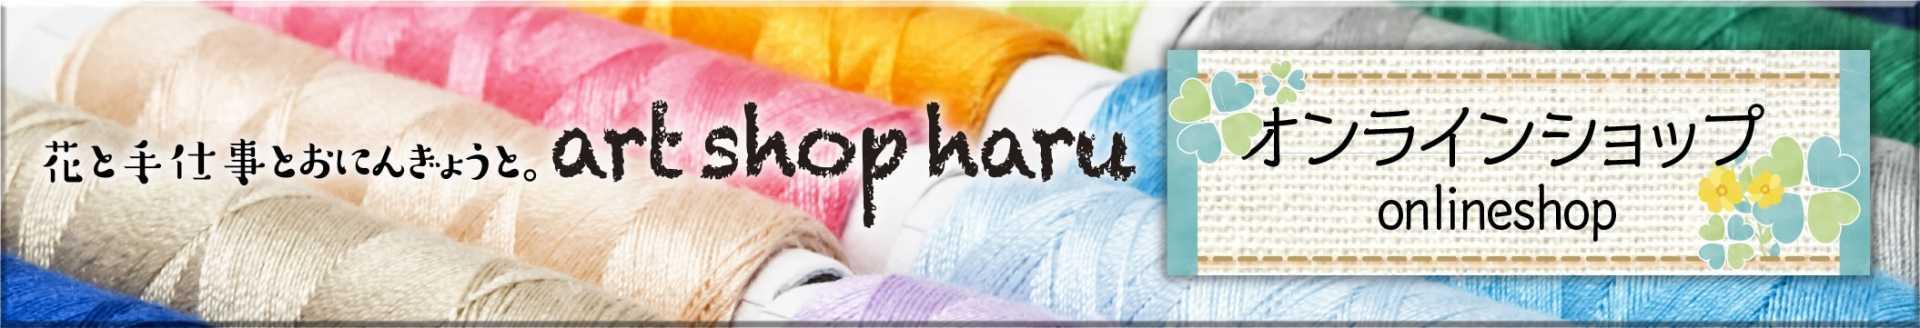 art shop haru